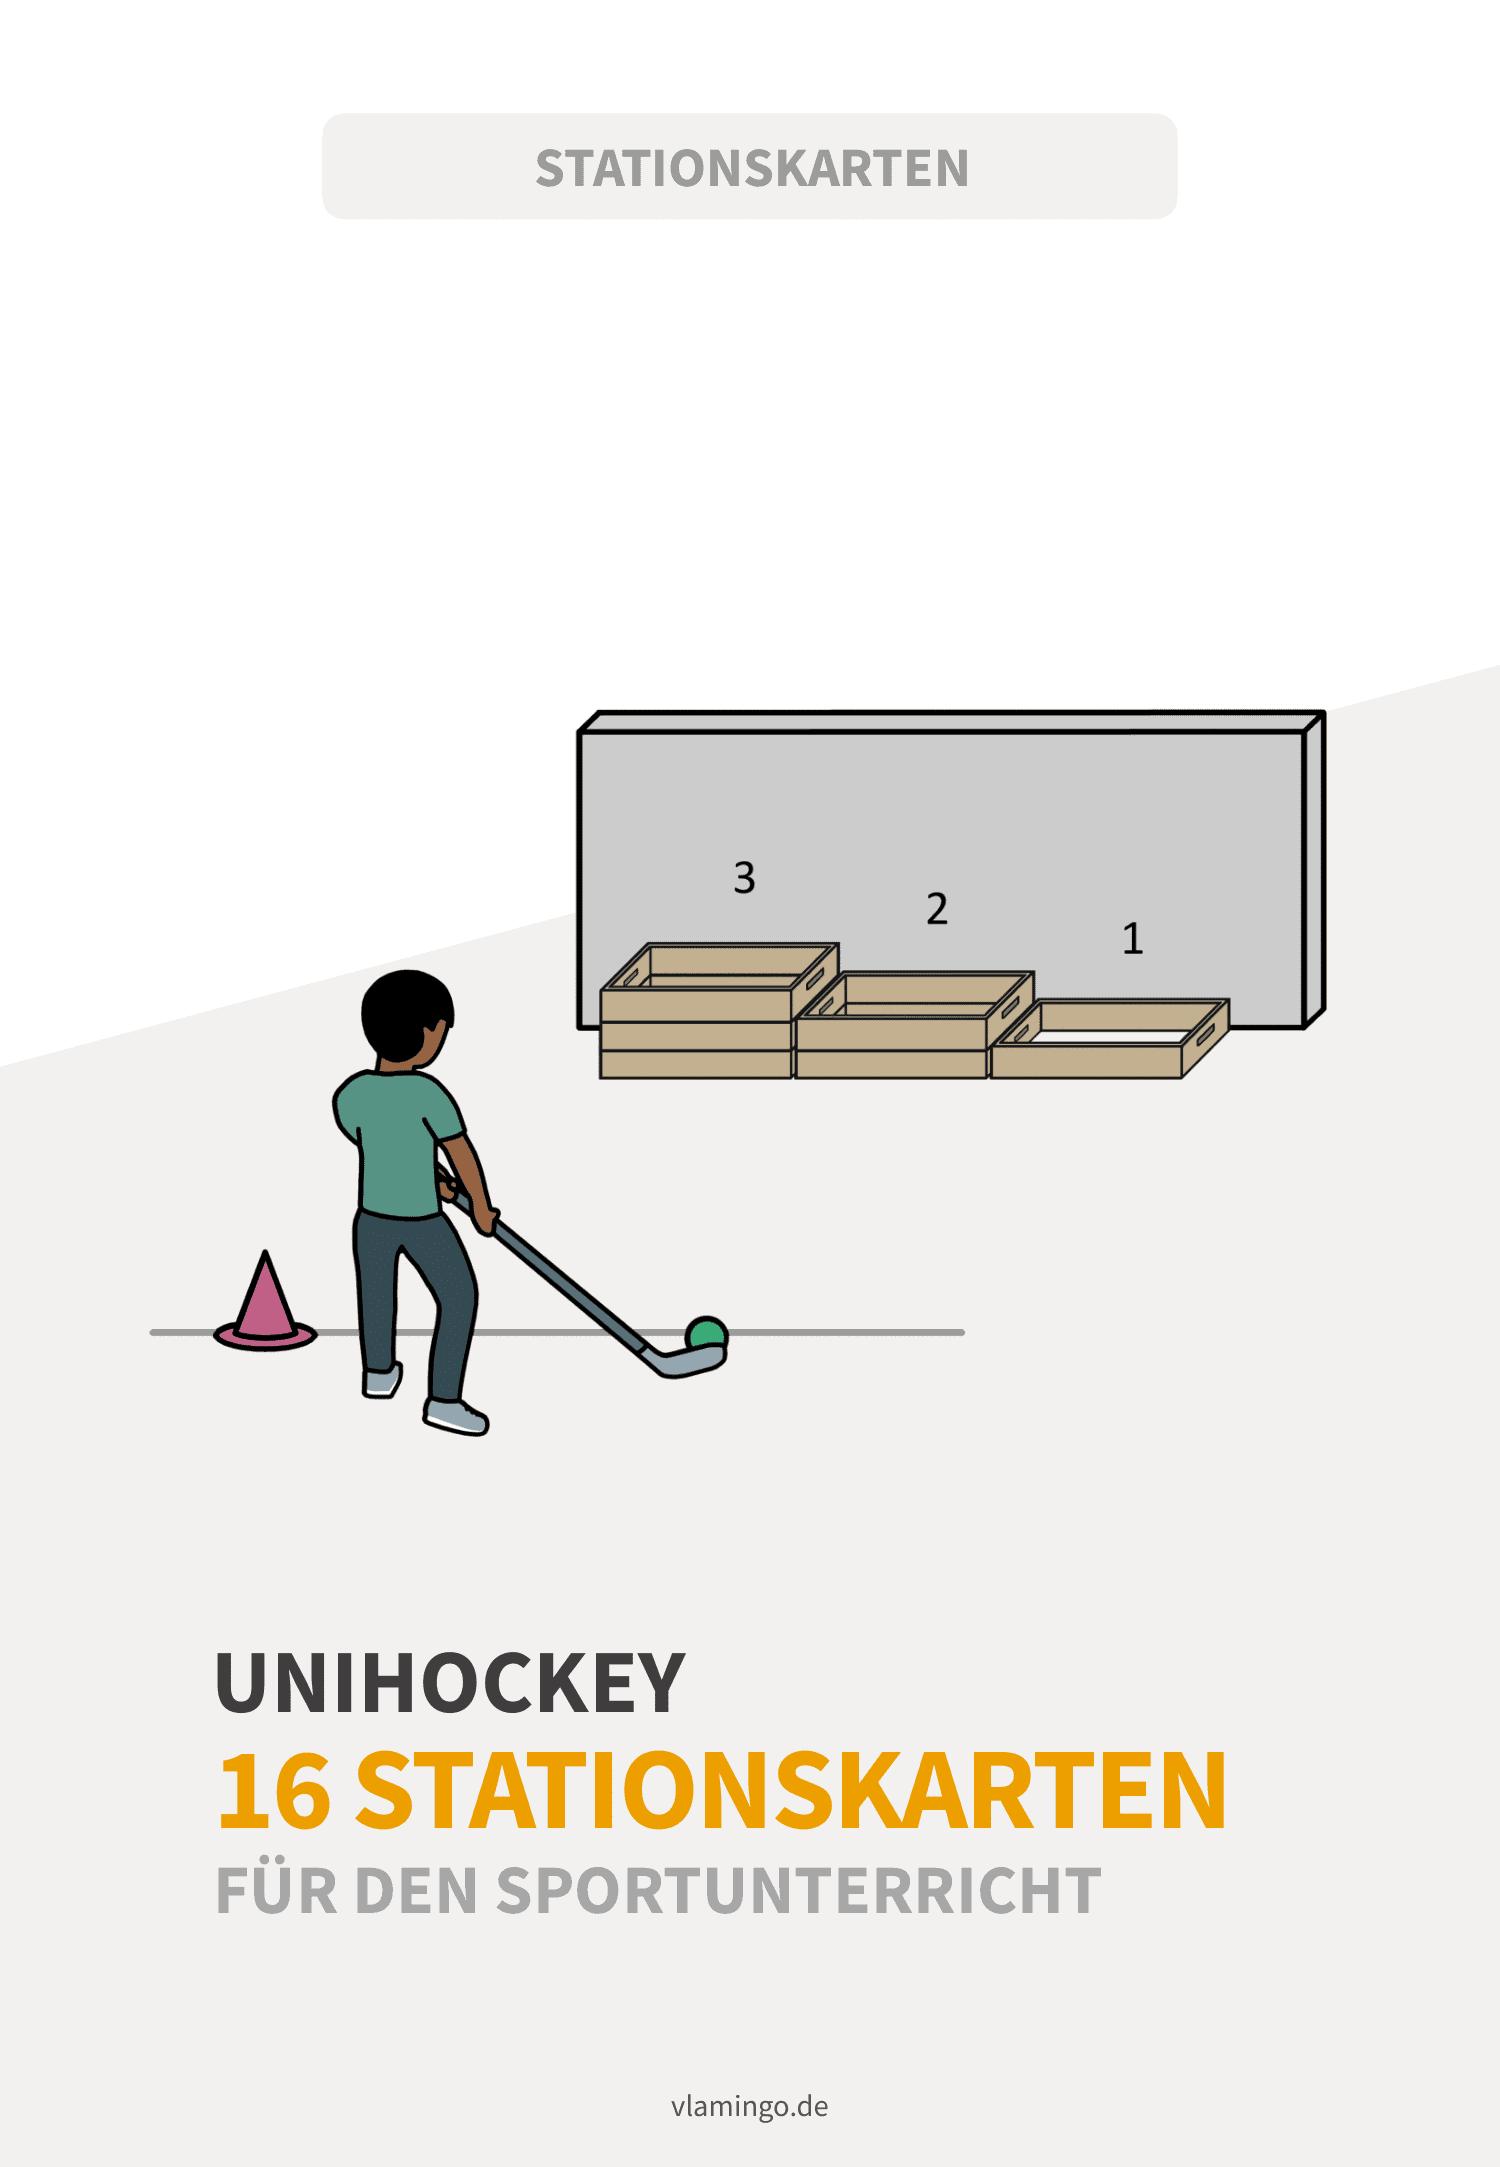 Unihockey - 16 Stationskarten für den Sportunterricht